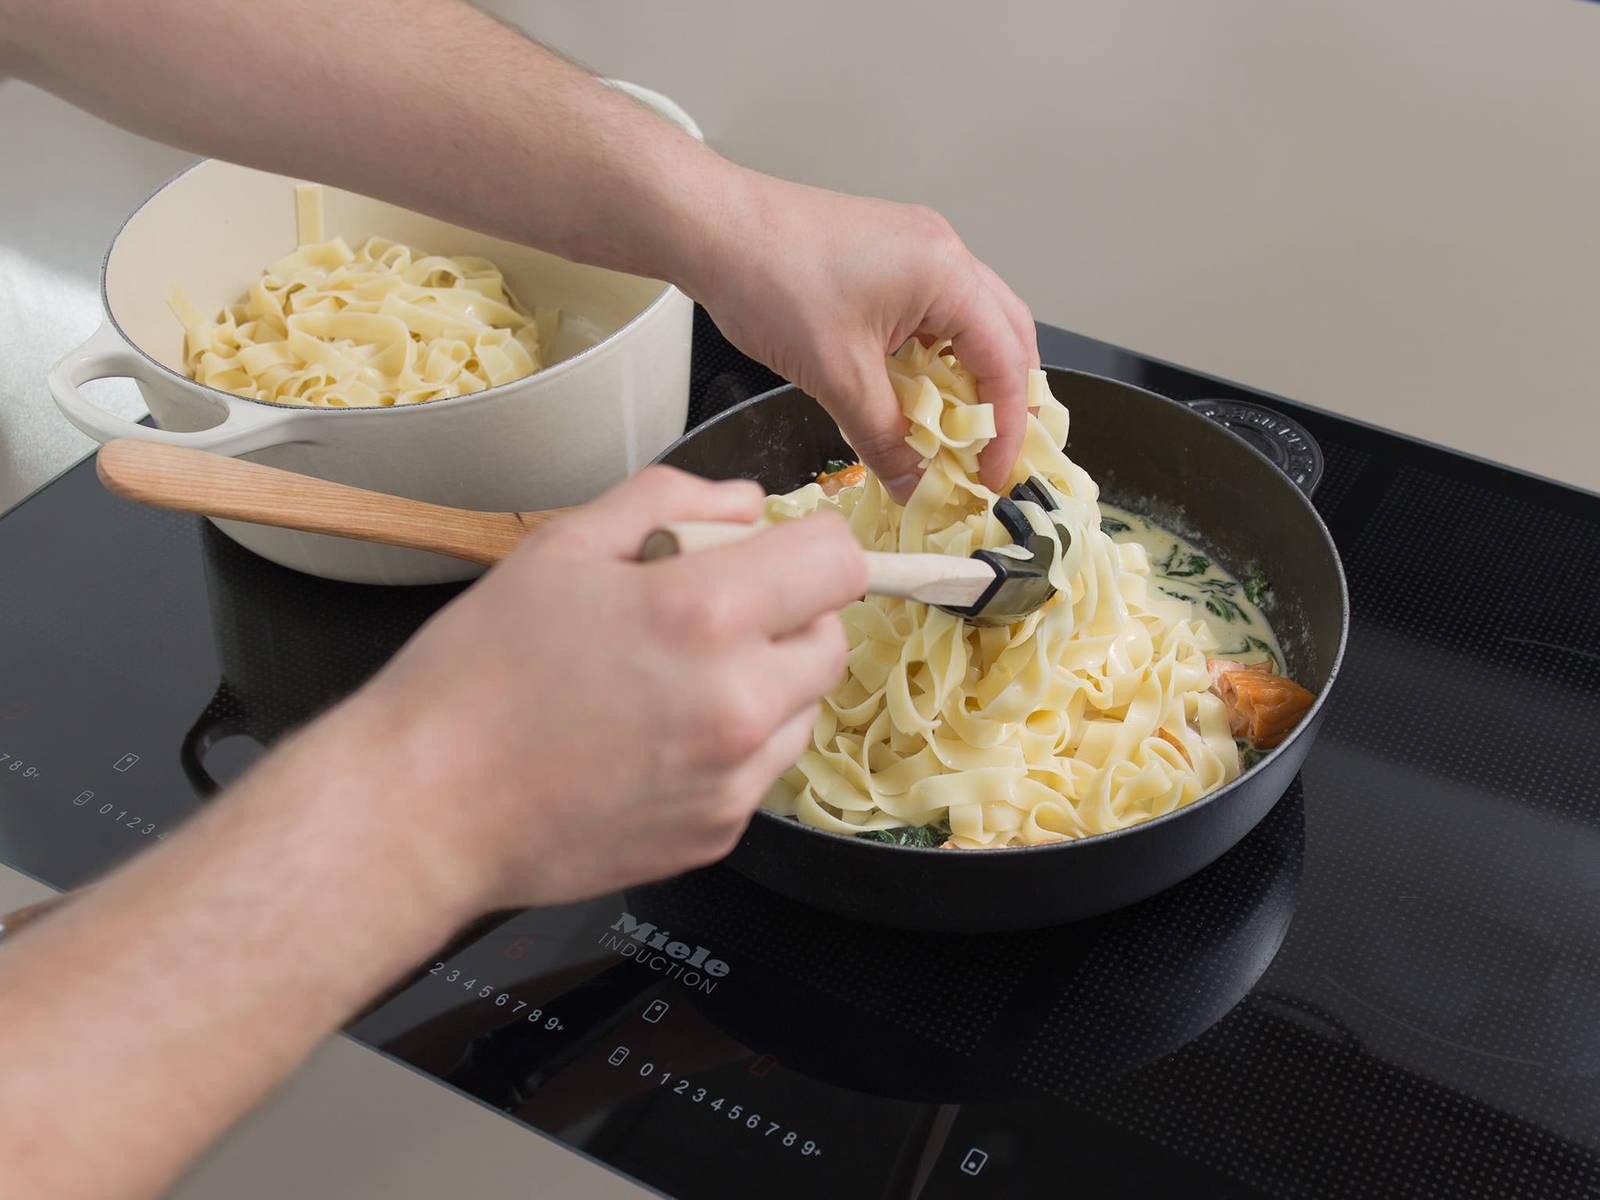 Tagliatelle nach Packungsanleitung in gesalzenem Wasser al dente kochen, anschließend abgießen. Lachs, Zitronenabrieb und Tagliatelle in die Pfanne geben und ca. 3 - 4 Min. köcheln lassen. Mit Salz, Pfeffer und Zitronensaft abschmecken und mit Parmesan servieren. Guten Appetit!